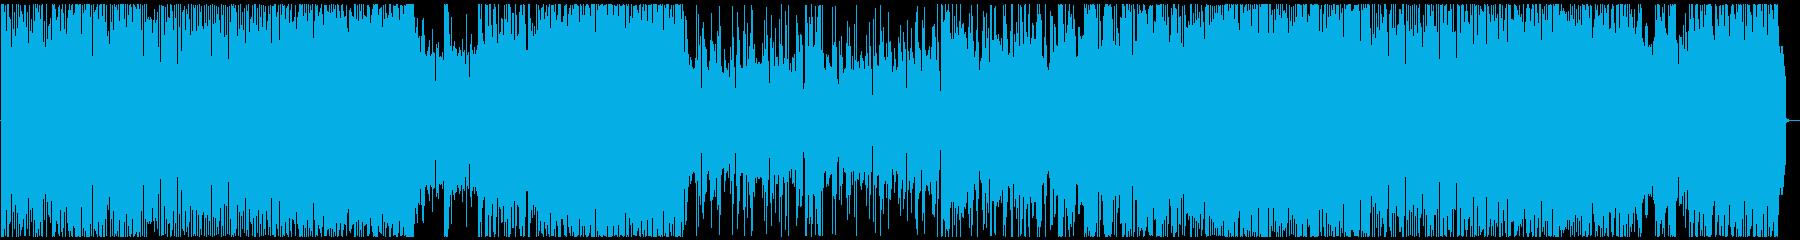 危険・ギリギリ感 攻撃的で速いメタル の再生済みの波形